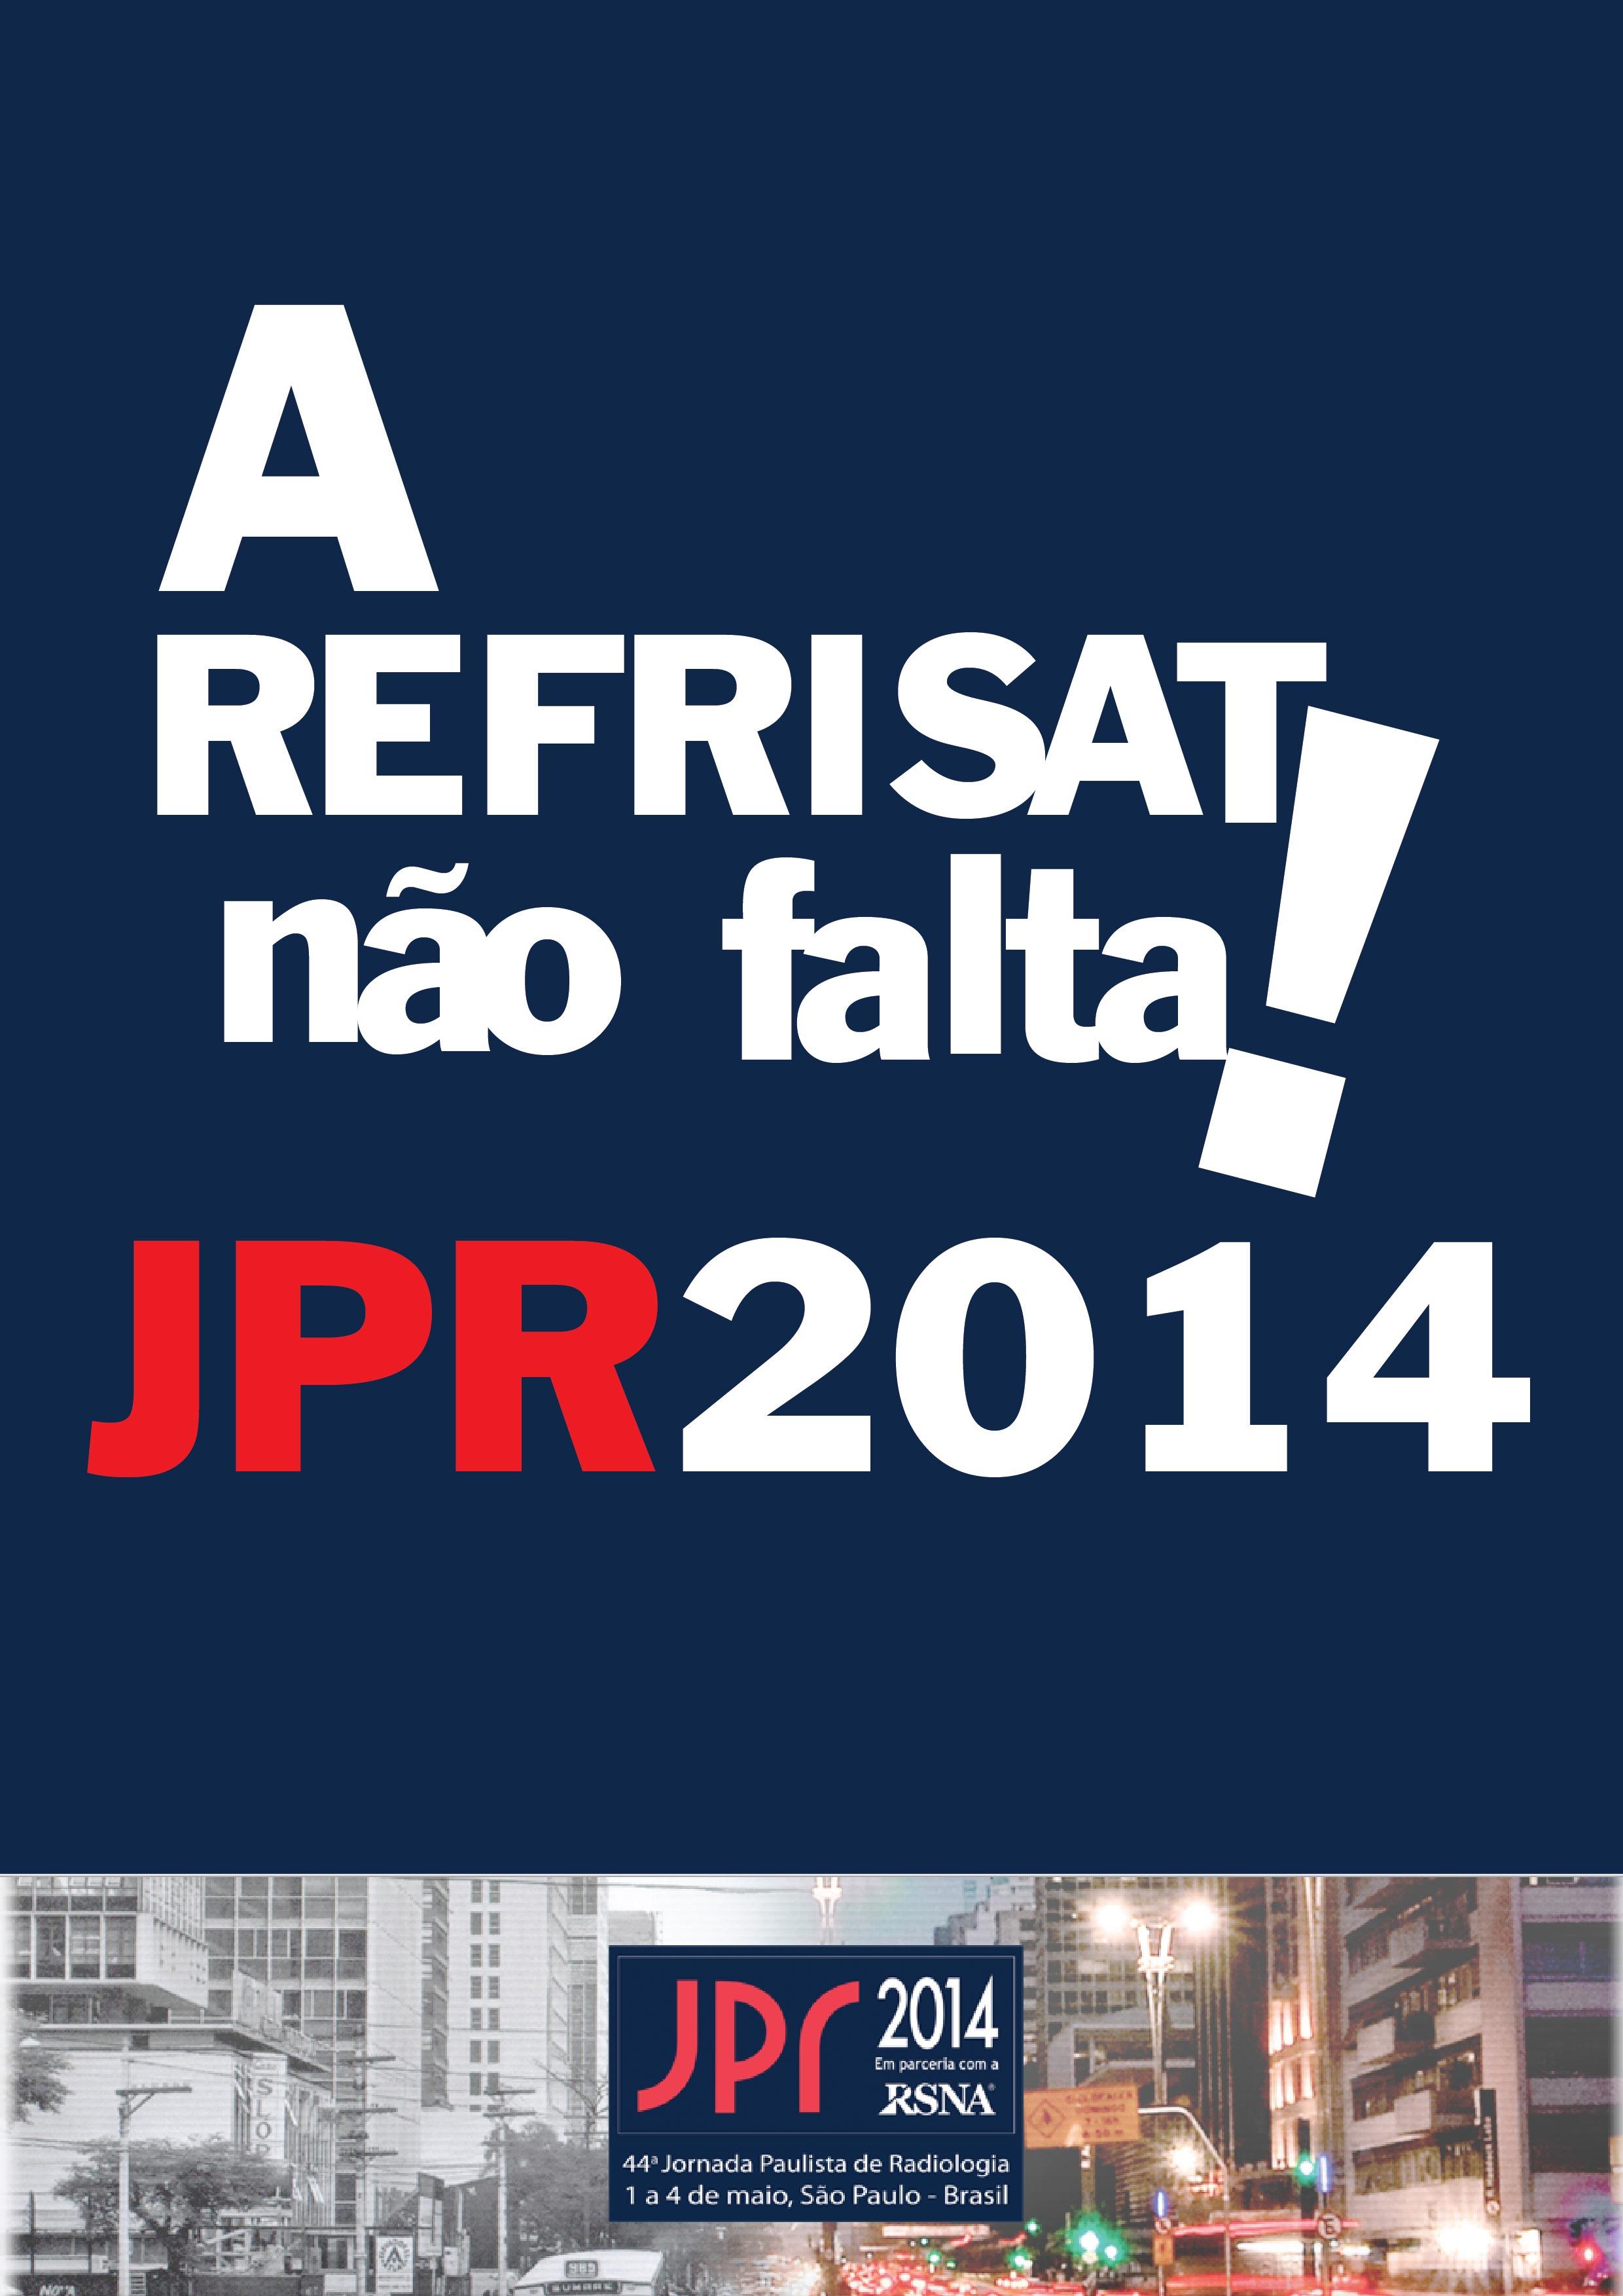 jpr-2014-refrisat